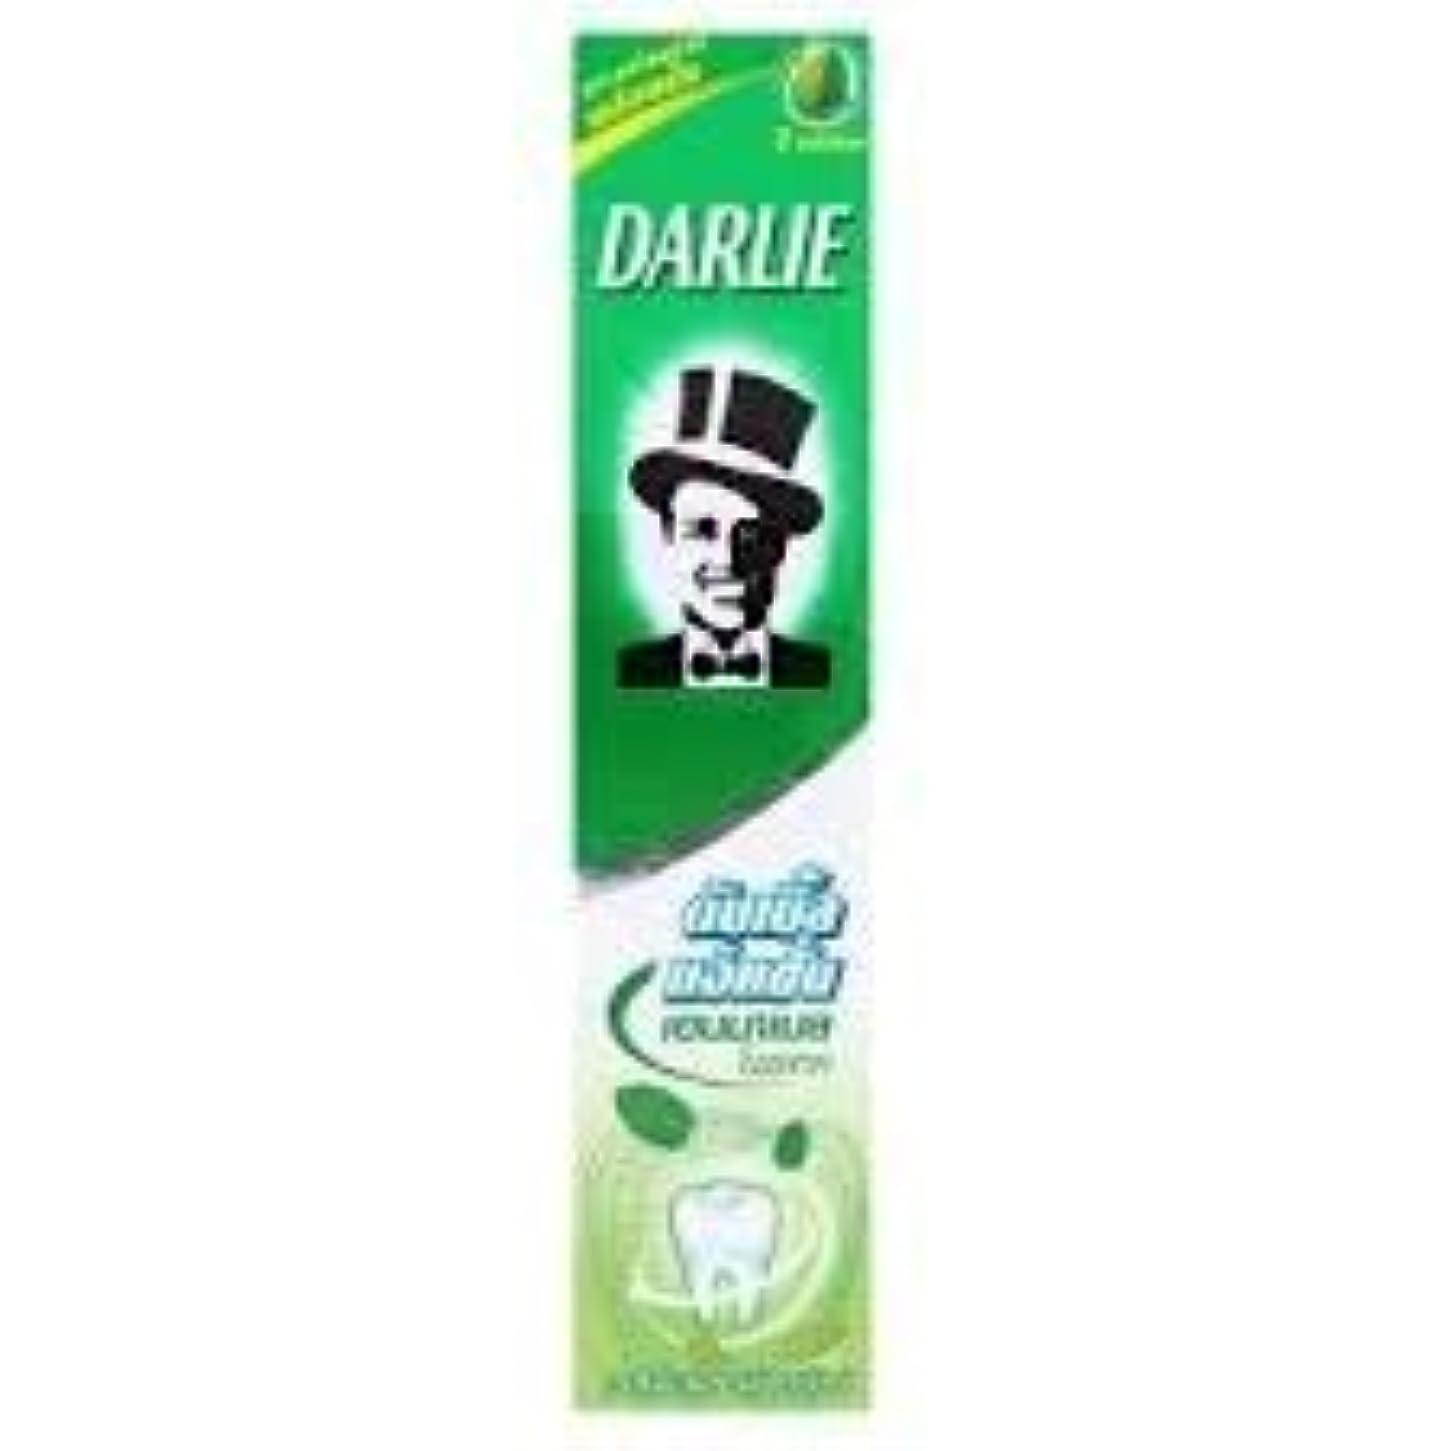 スカーフチップうがいDARLIE 歯磨き粉エナメルは強力なミントを保護します200g - 私達の元の強いミントの味とあなたの呼吸のミントを新しく保ちます